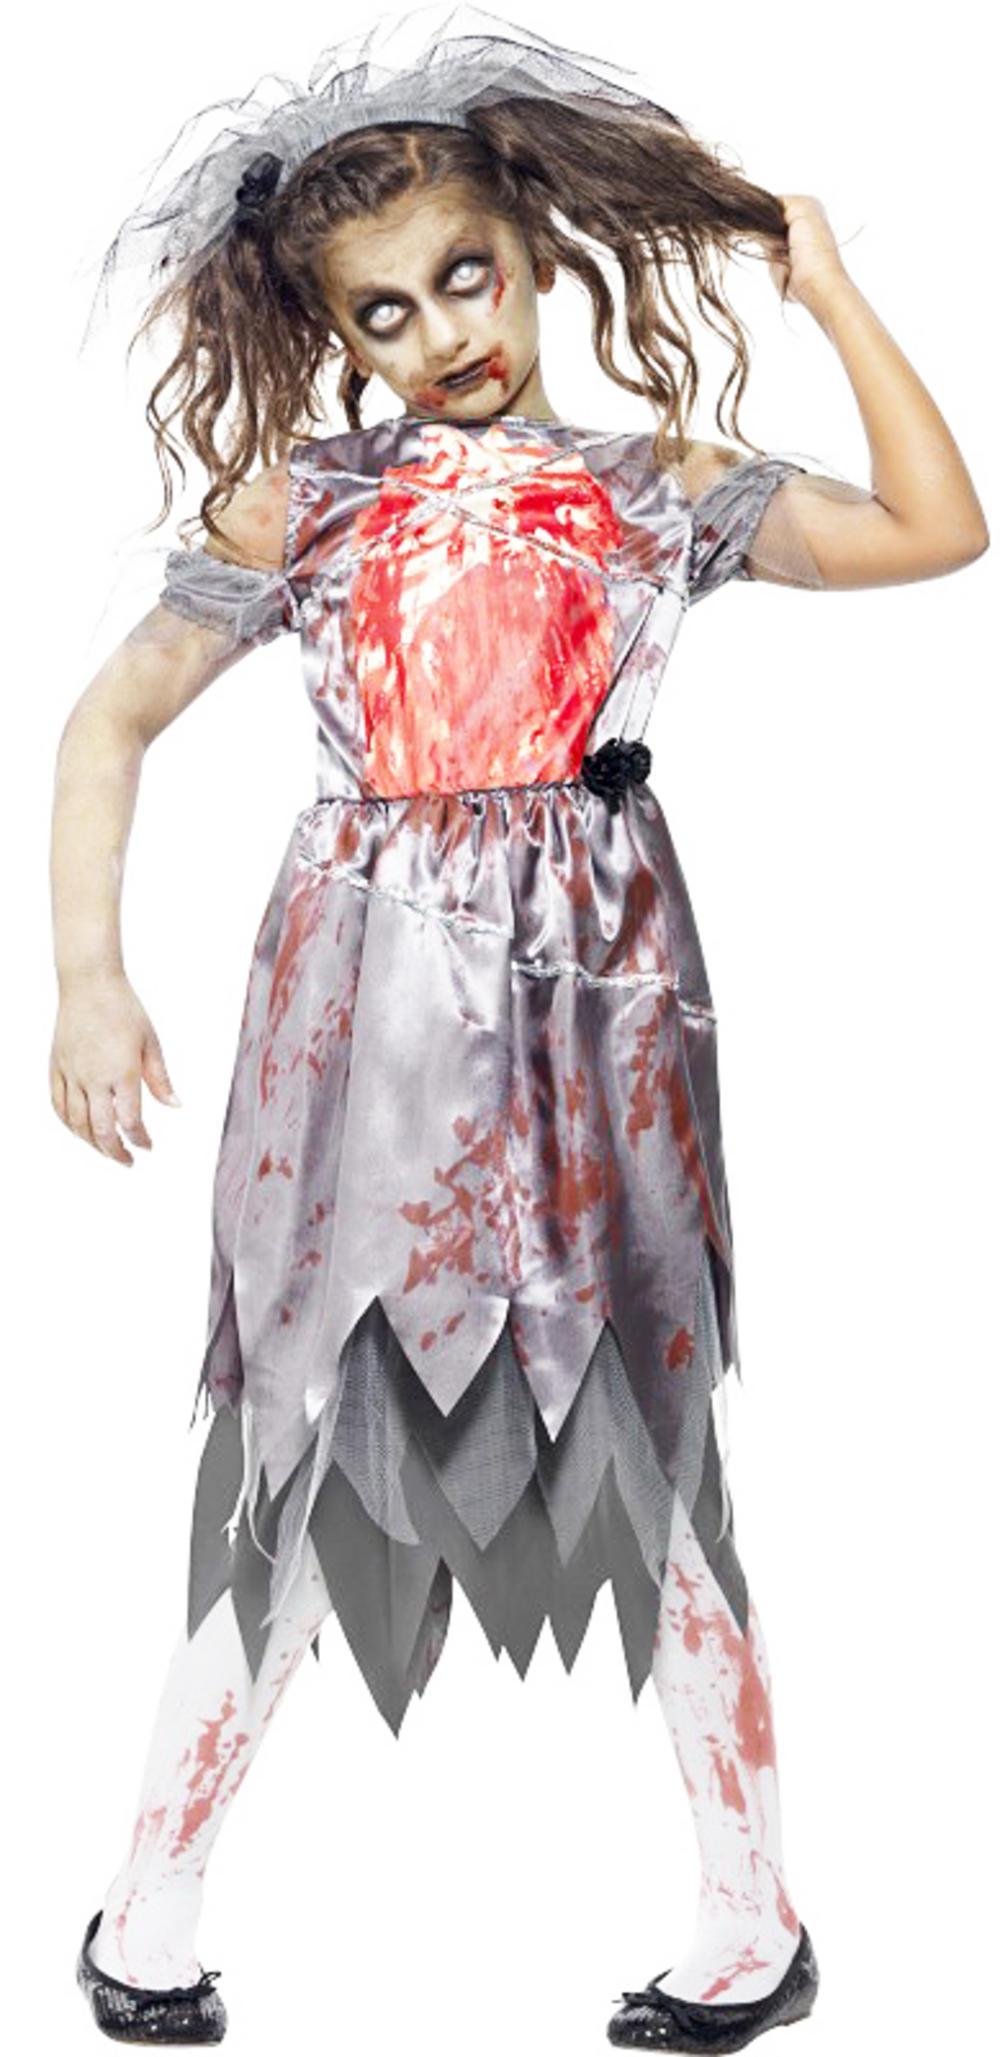 Dead Bride Halloween Costume